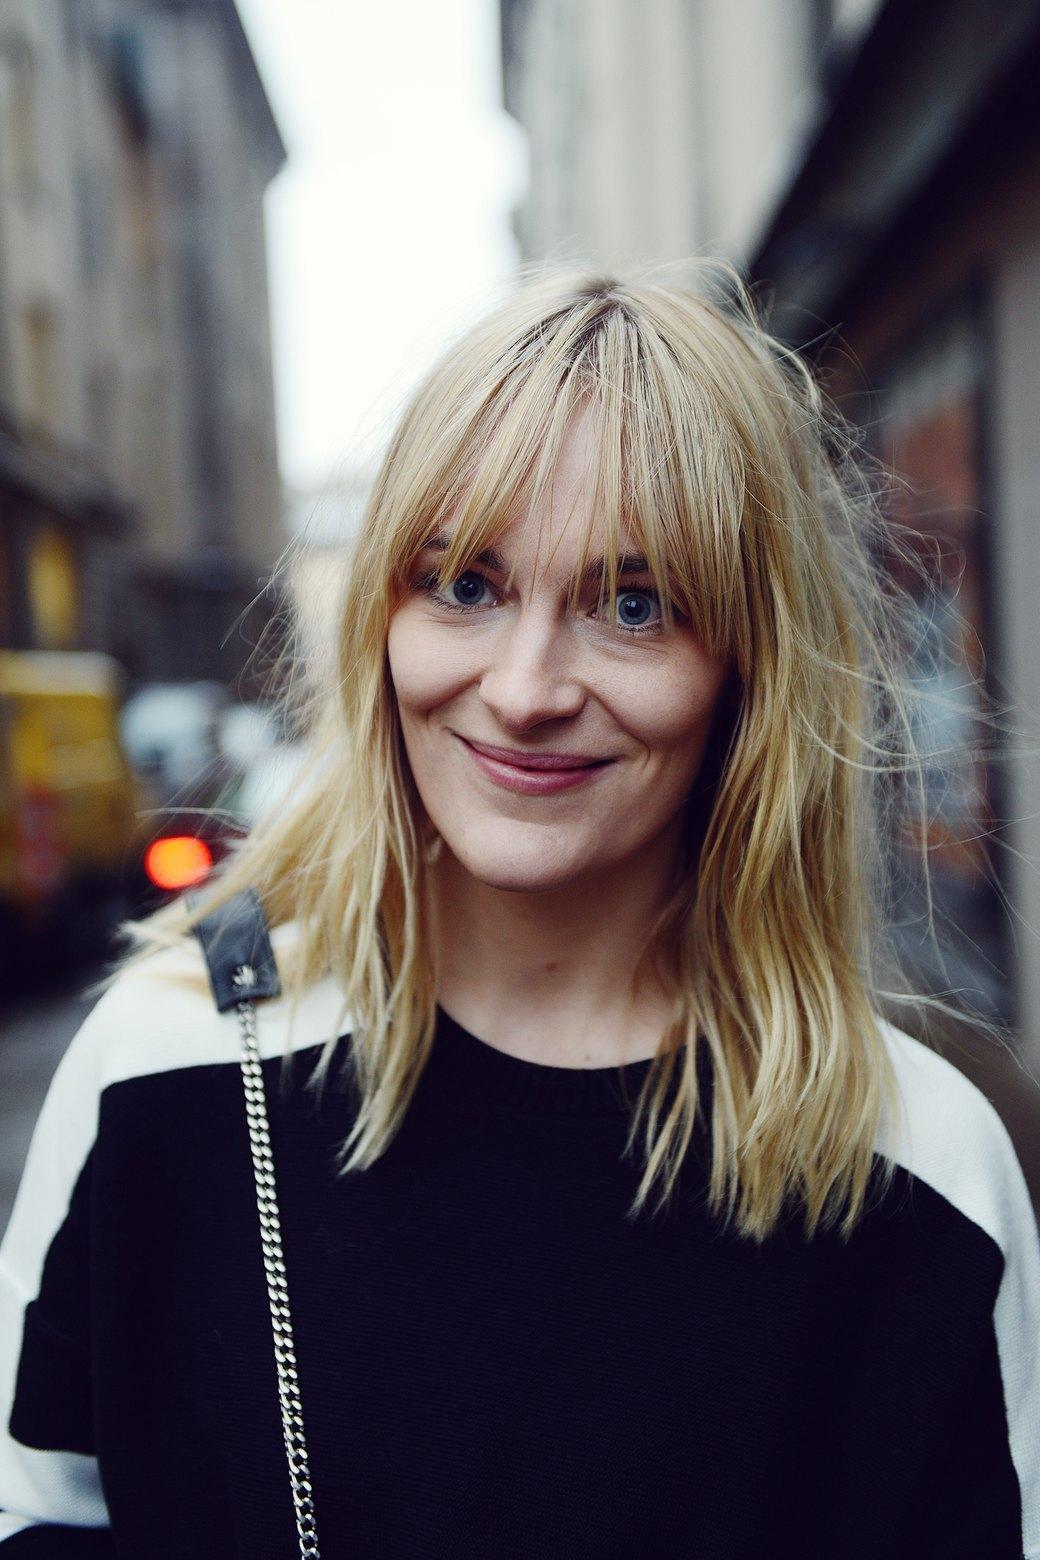 Шубы и горох на Stockholm Fashion Week. Изображение № 4.